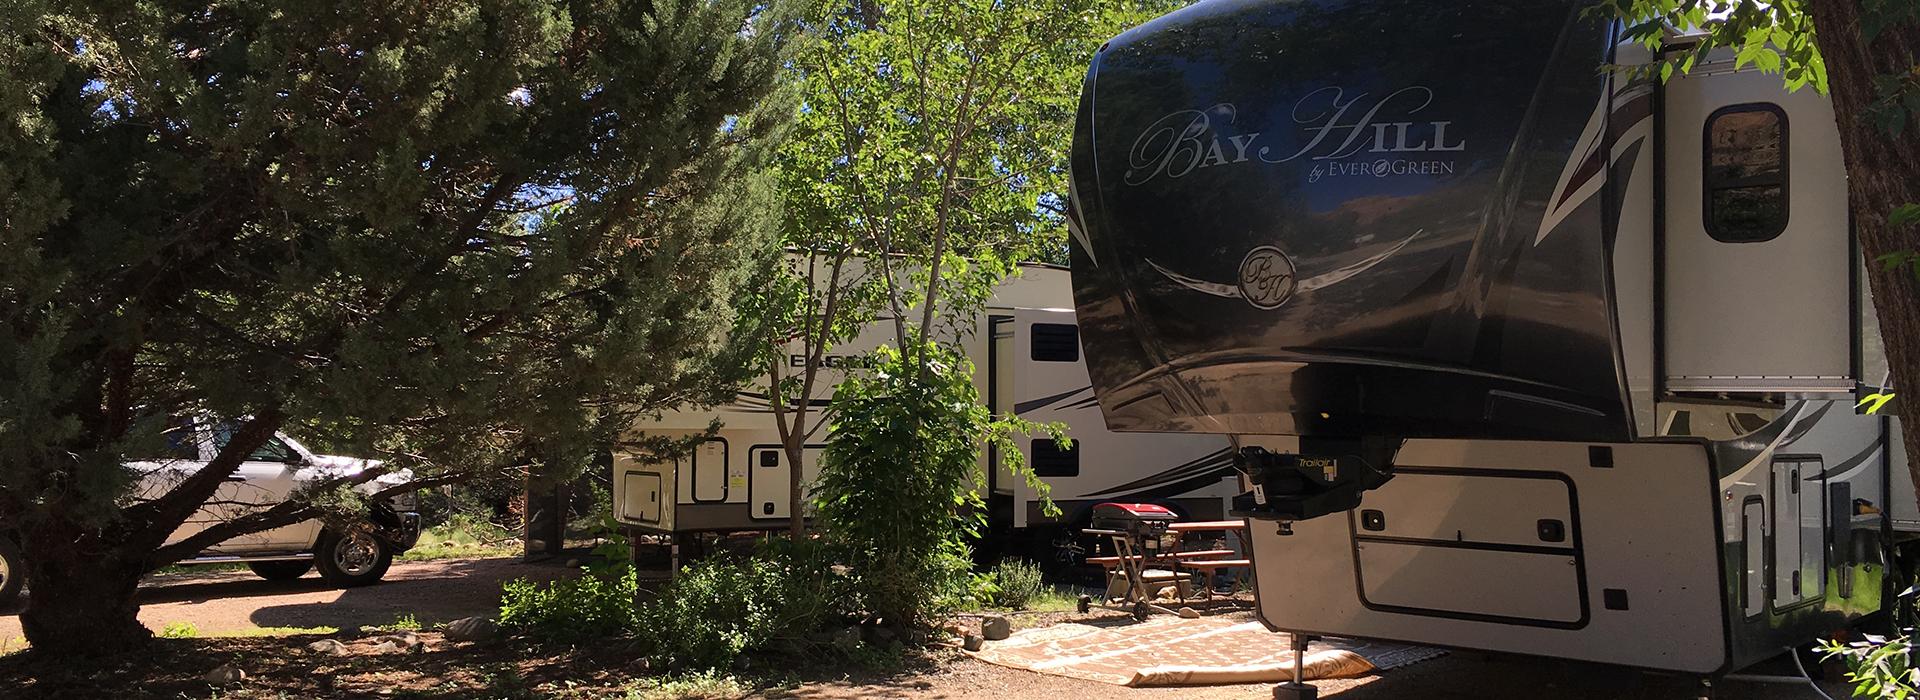 Point of Rocks RV Park Campground in Prescott Arizona